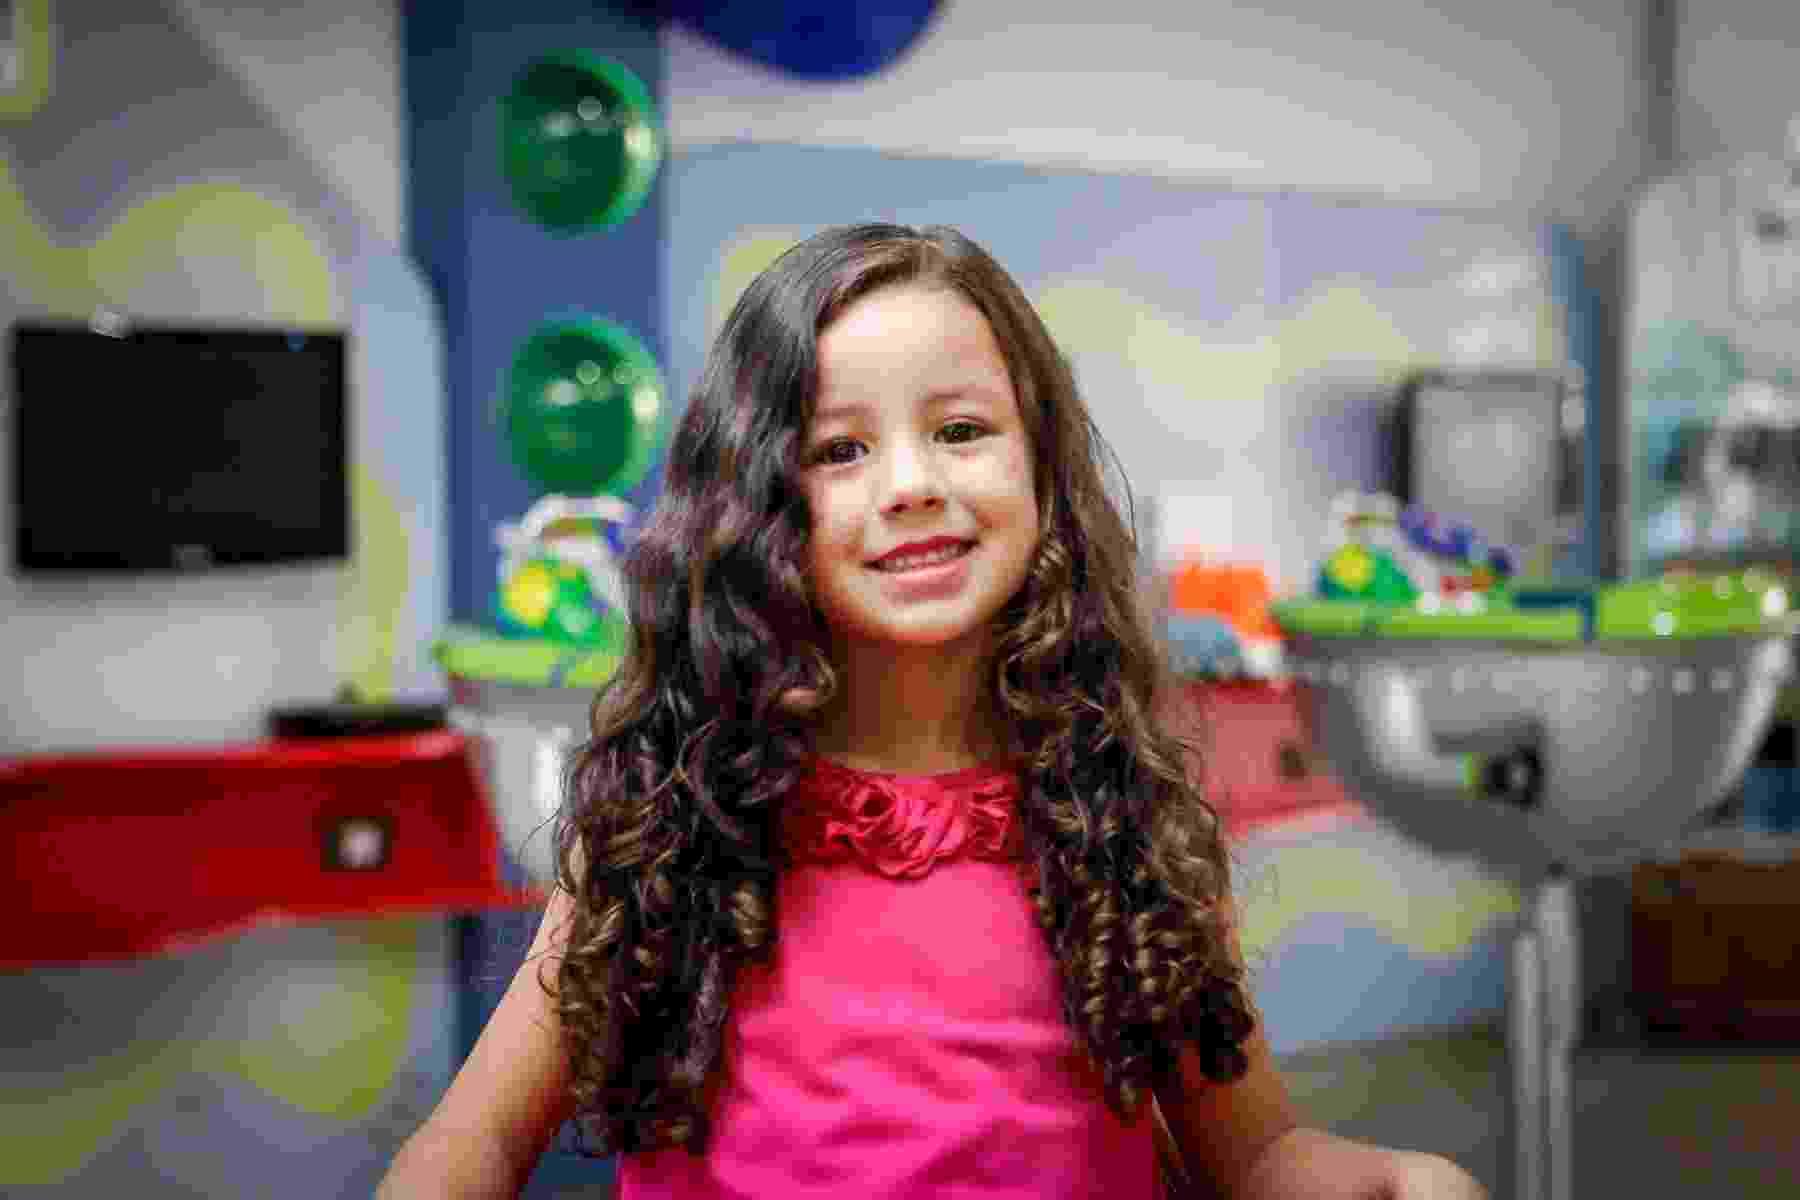 Leticia Luiz Melo Vidal, de 5 anos, é a modelo que vai ganhar um novo look, idealizado pelo cabeleireiro Ivan Cova - Leandro Moraes/UOL